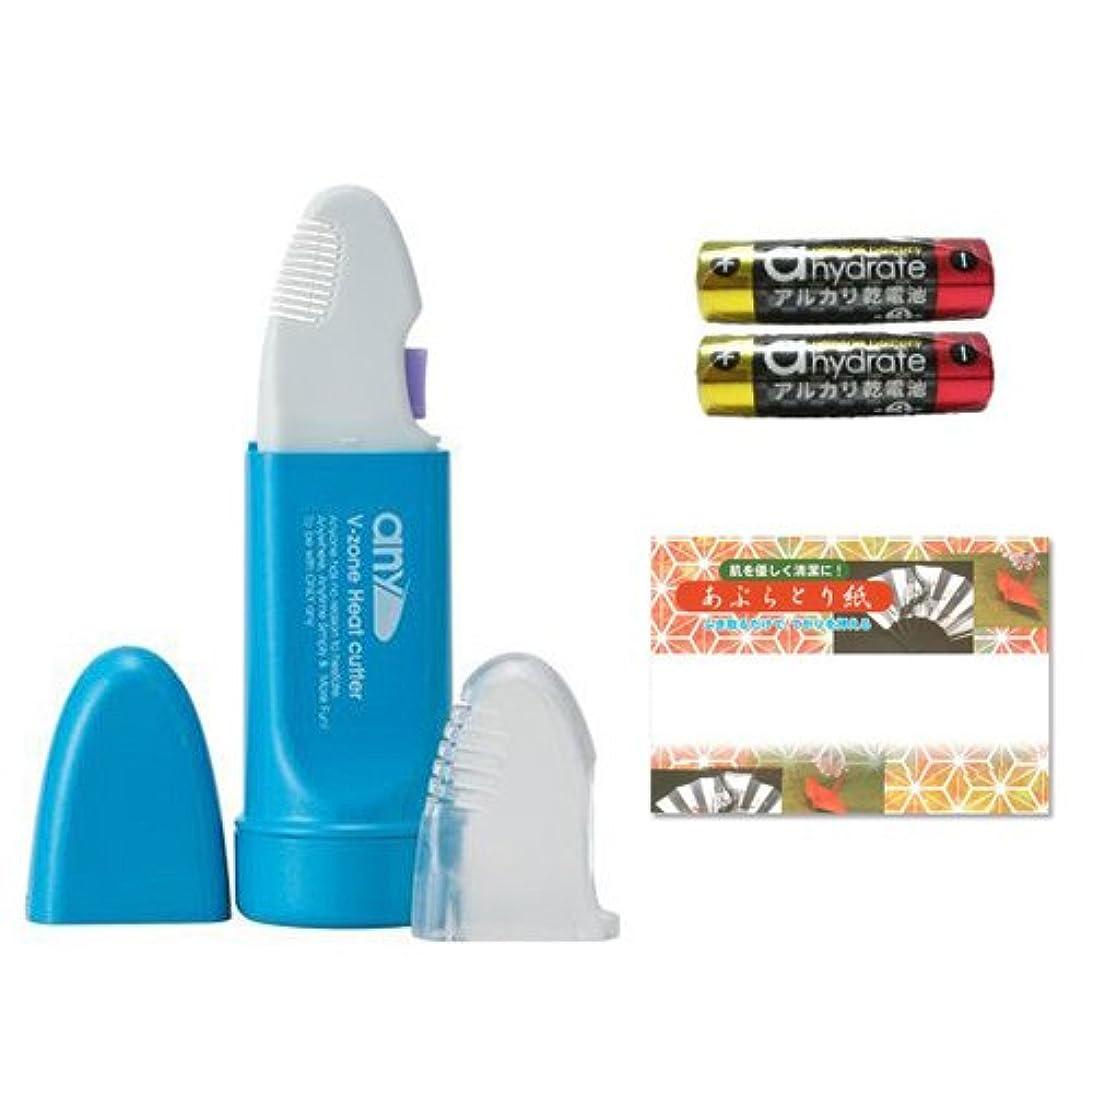 浸す建てる閉塞V-Zone Heat Cutter any(エニィ) Stylish マリンブルー + 単3アルカリ電池2本付きセット + あぶらとり紙 付き